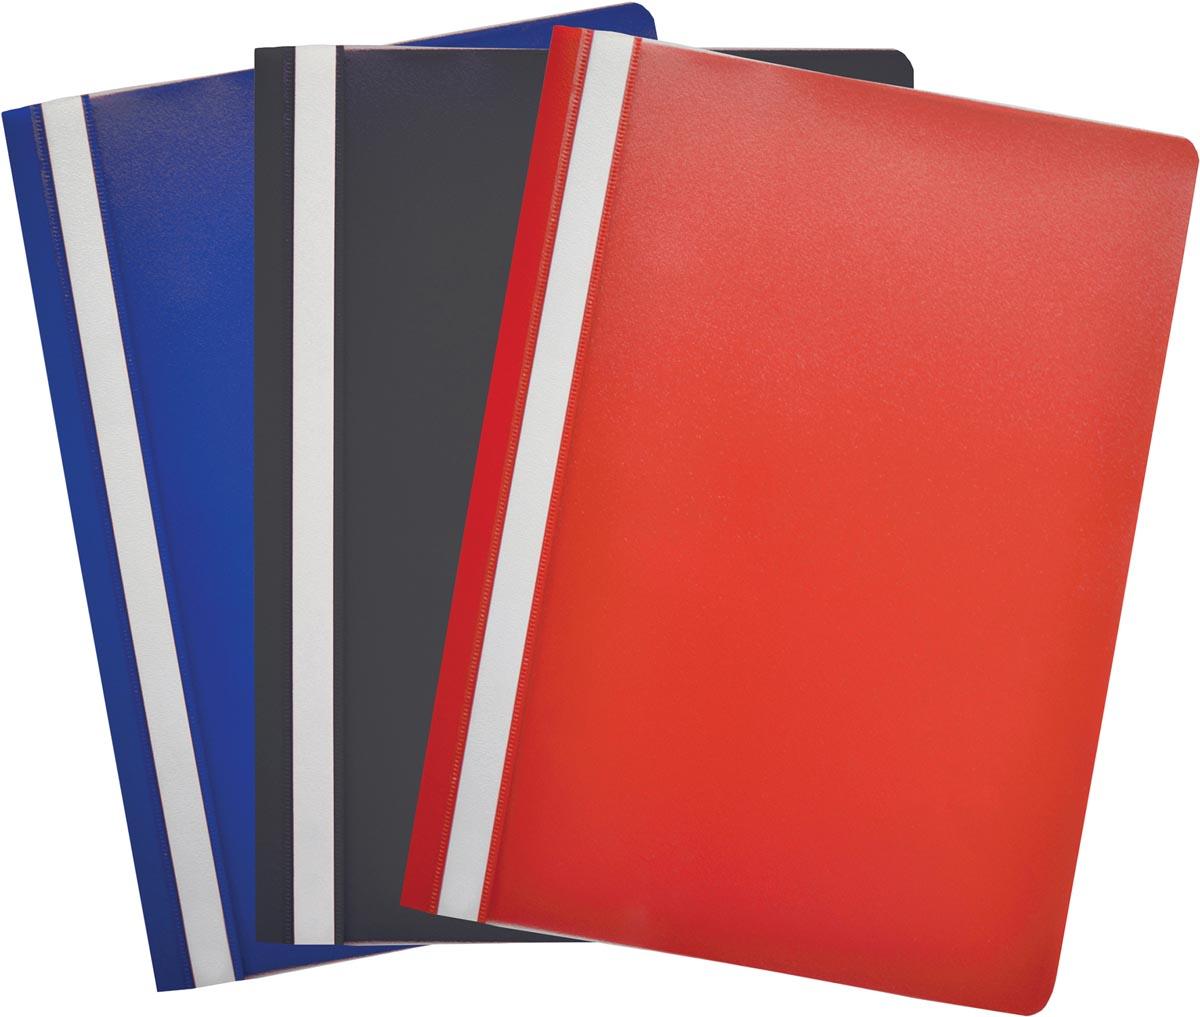 Snelhechtmap ft A4, pak van 6 stuks in geassorteerde kleuren